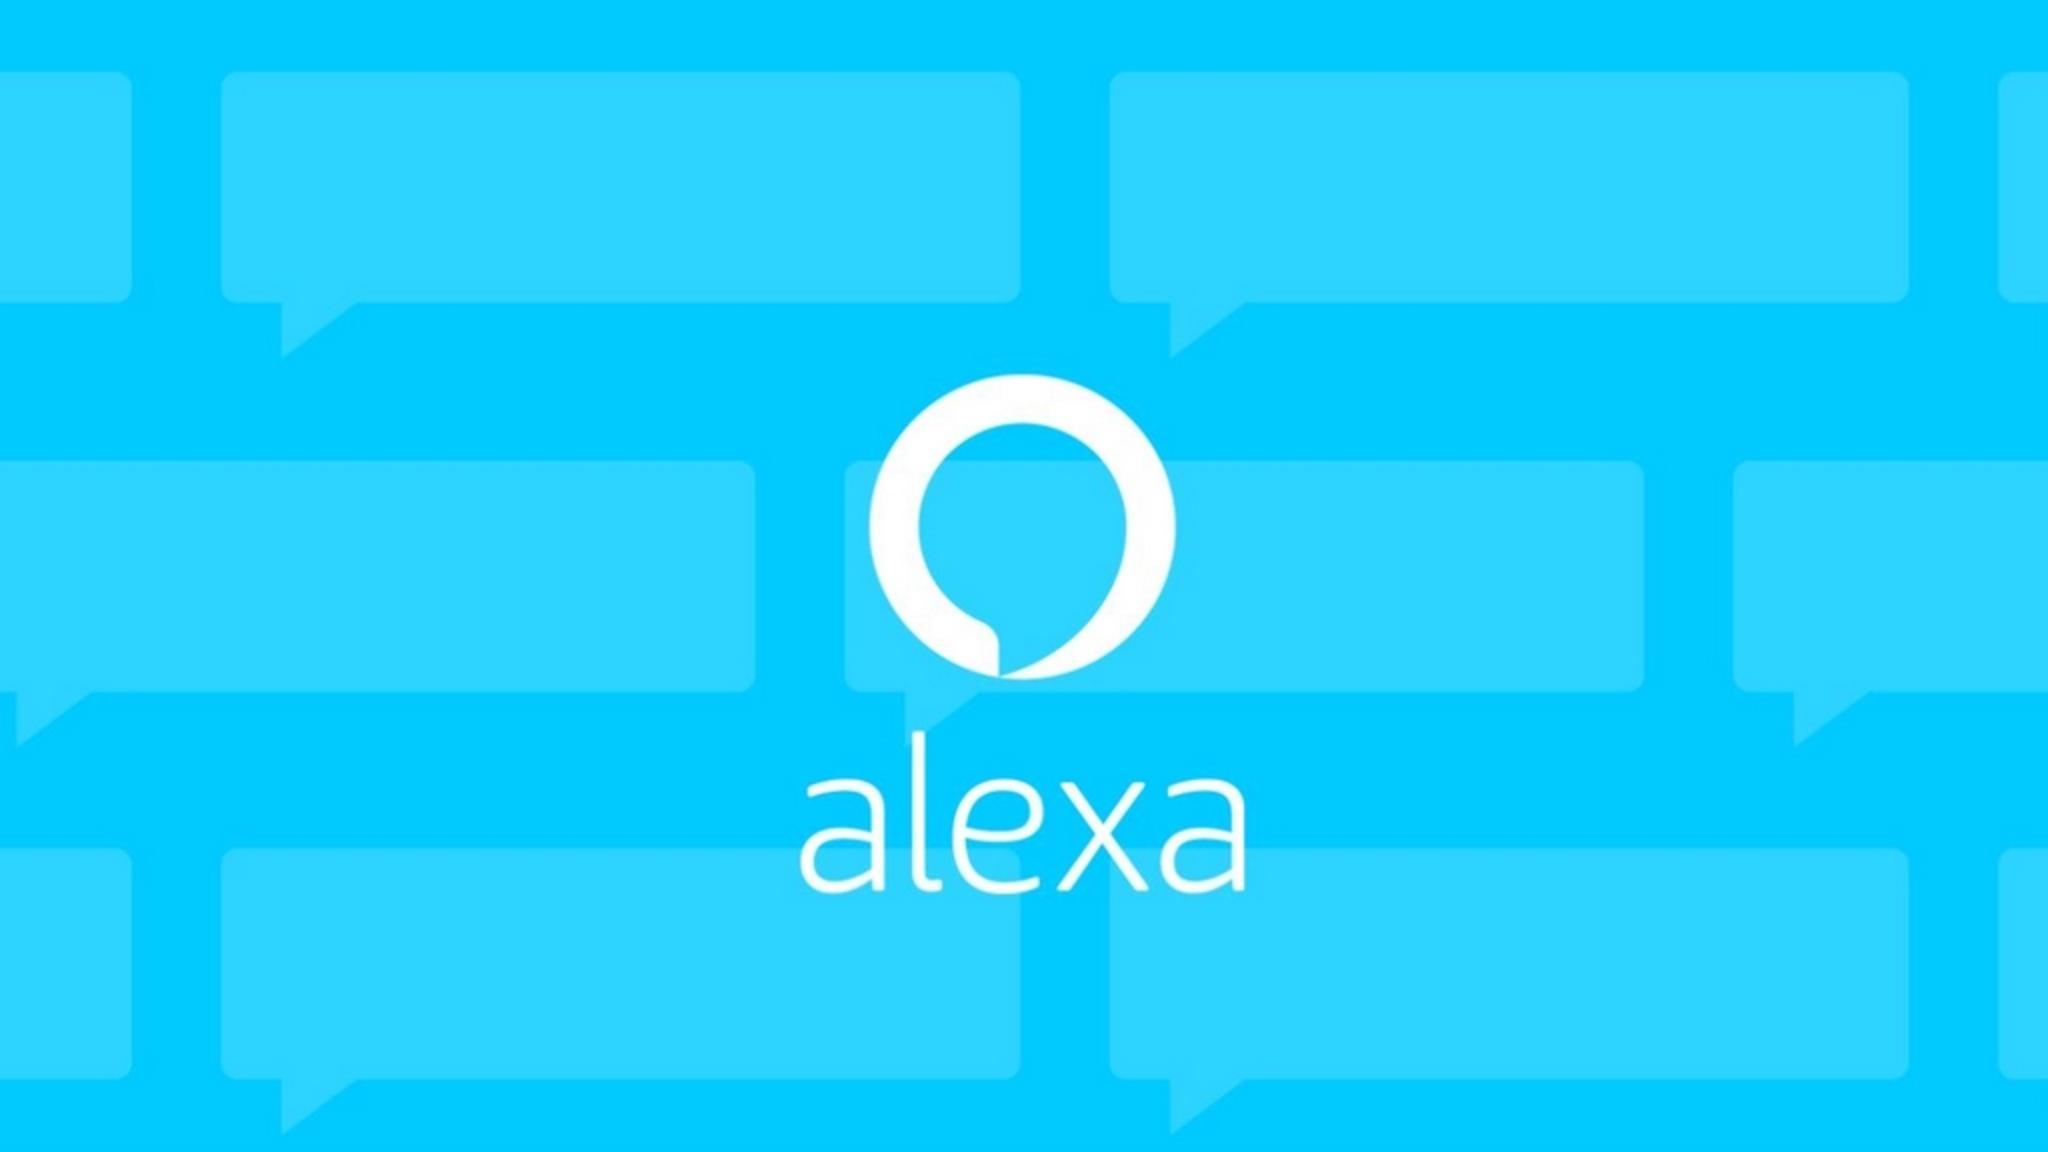 Alexa lernt, den Kontext zu verstehen.